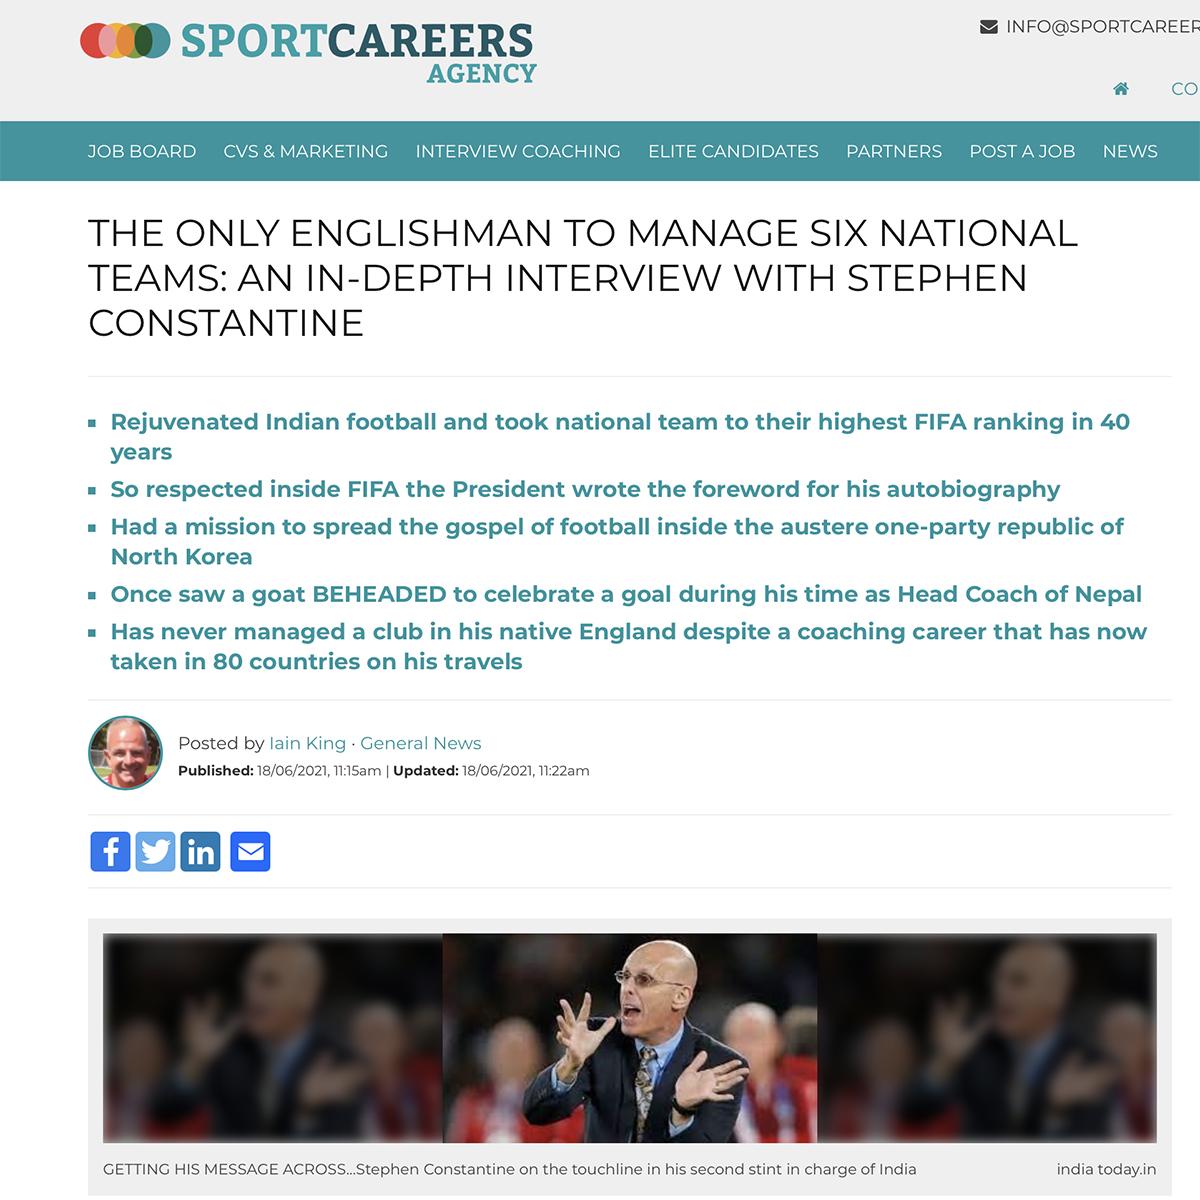 Sportcareersagency